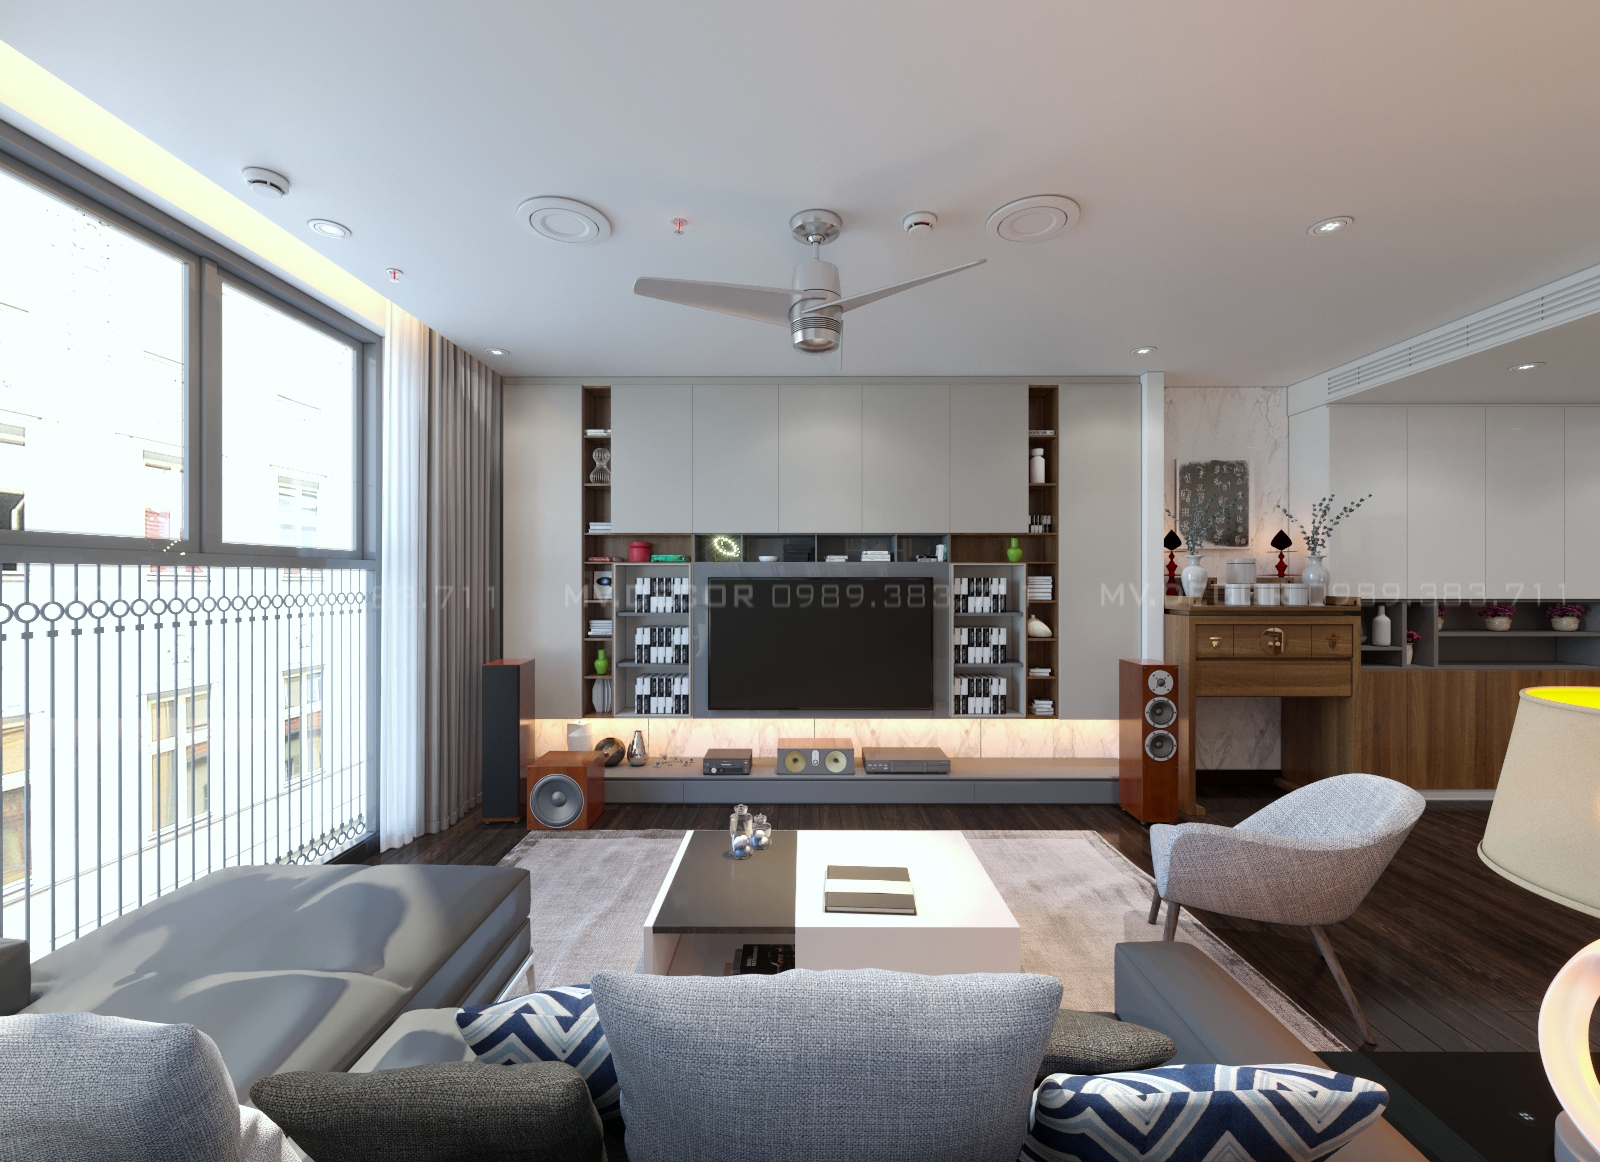 thiết kế nội thất chung cư tại Hà Nội duplex tân hoàng minh hoàng cầu 11 1550072052